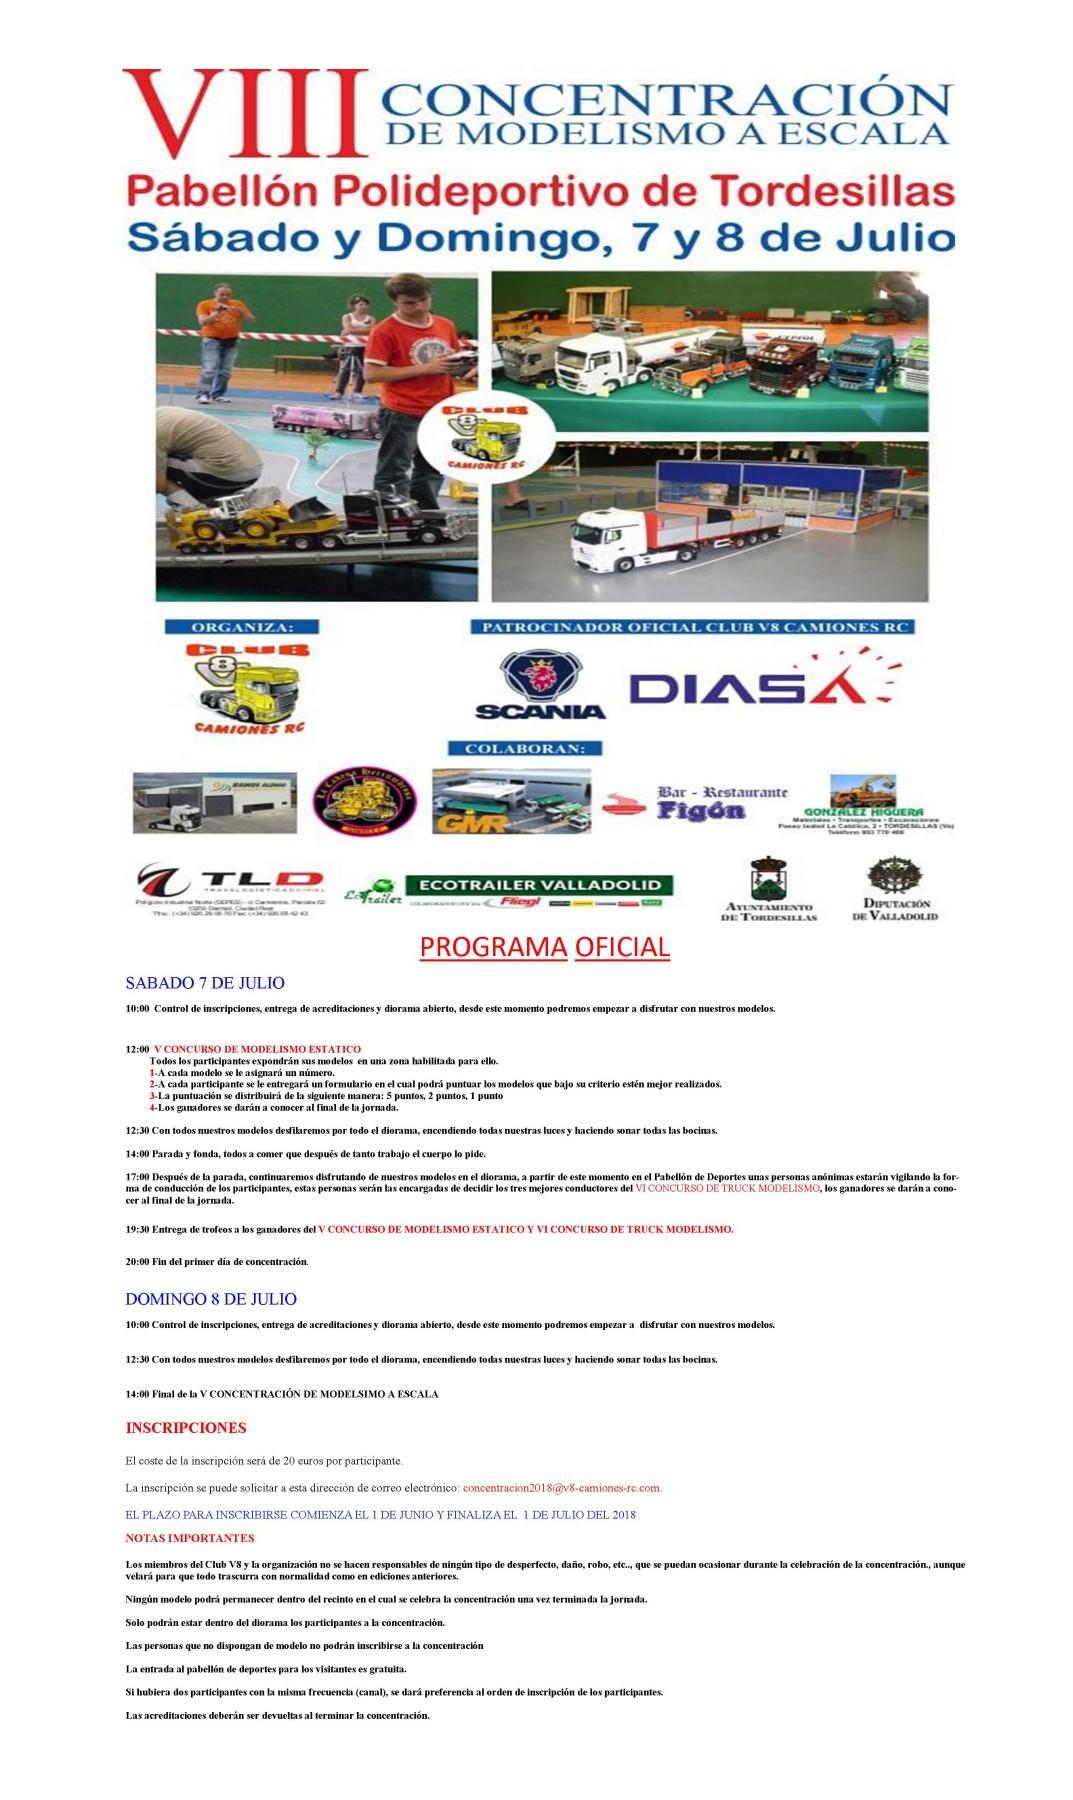 VIII Concentracion de Modelismo a Escala Tordesillas 7 y 8 de Julio 2018 Format12